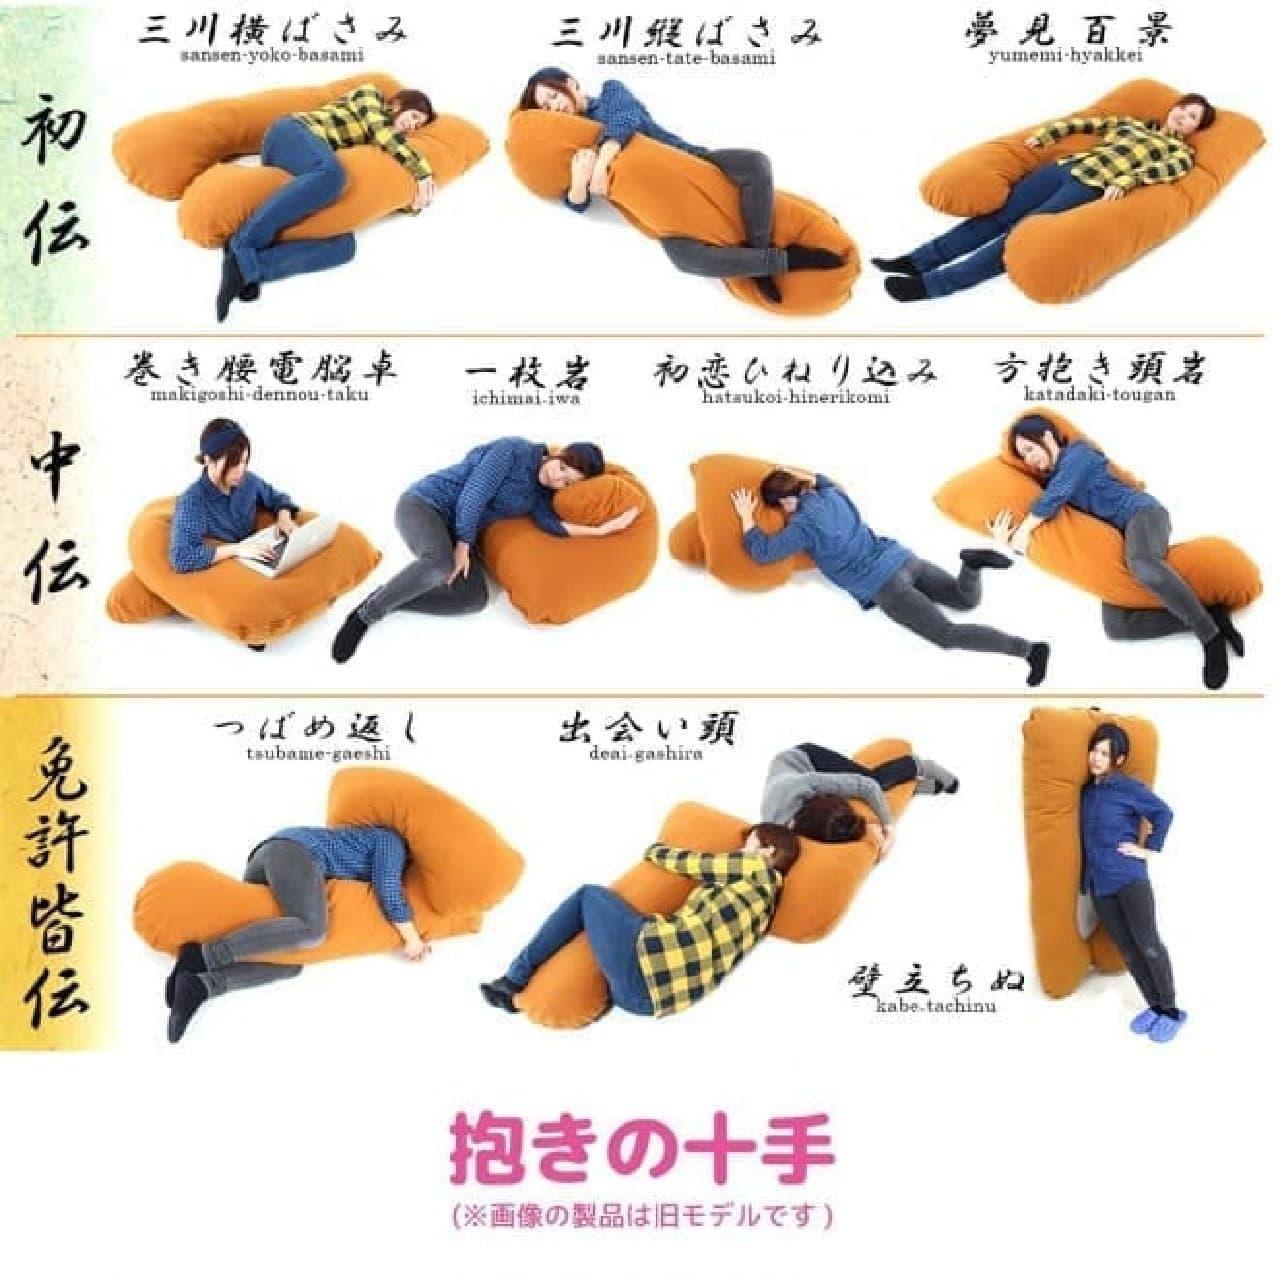 「ツインテール挟まれ枕」に改良版登場